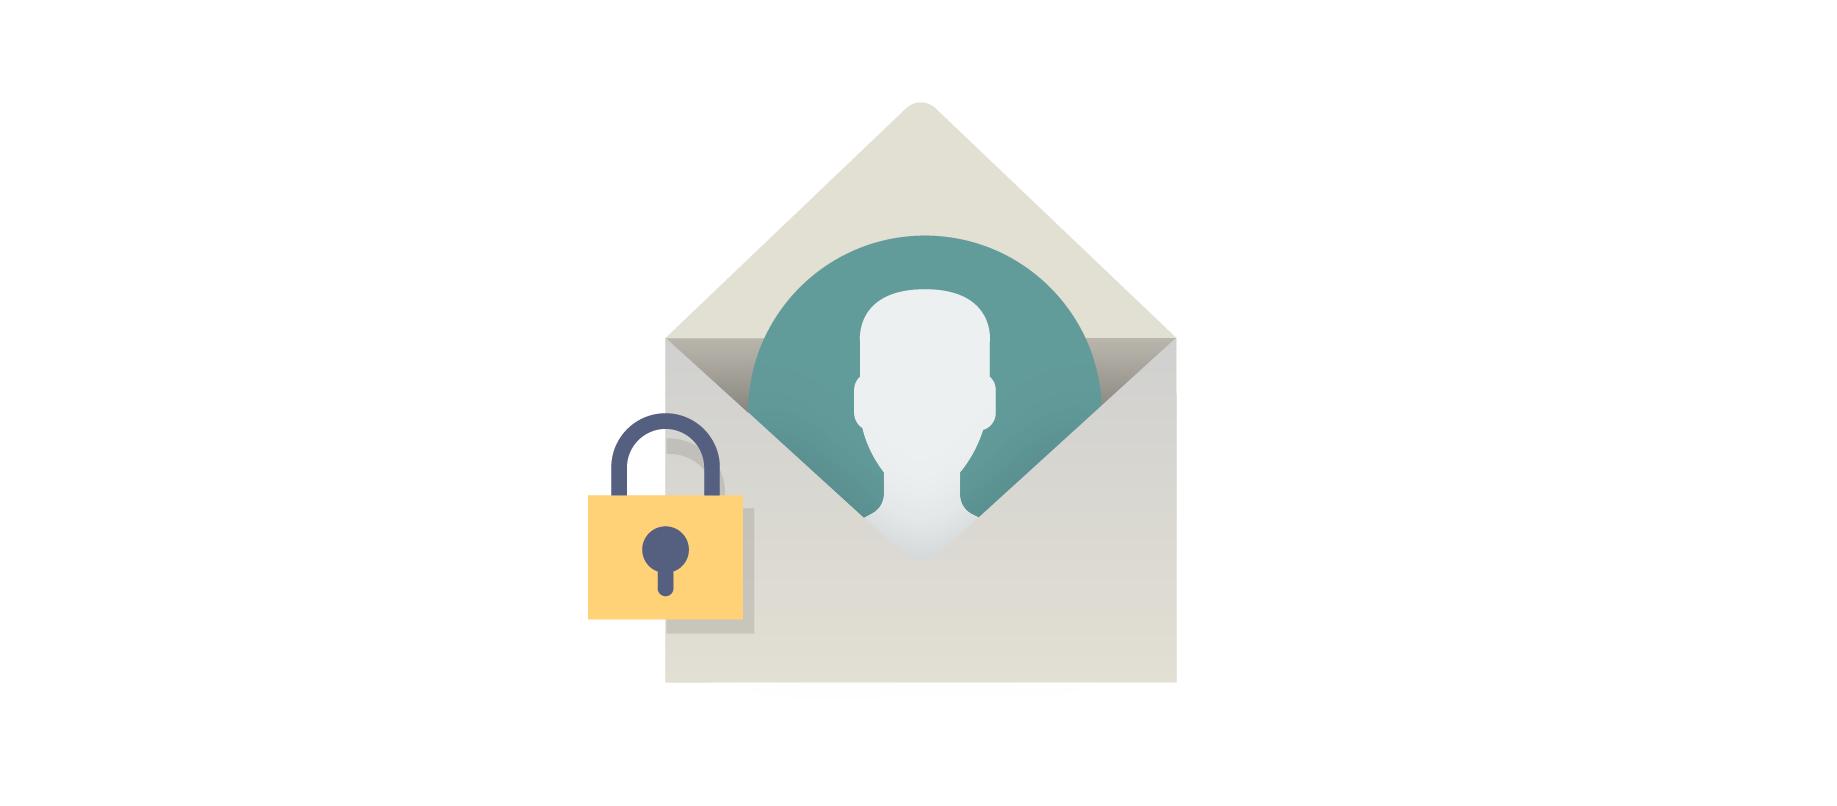 Envelope-16.png